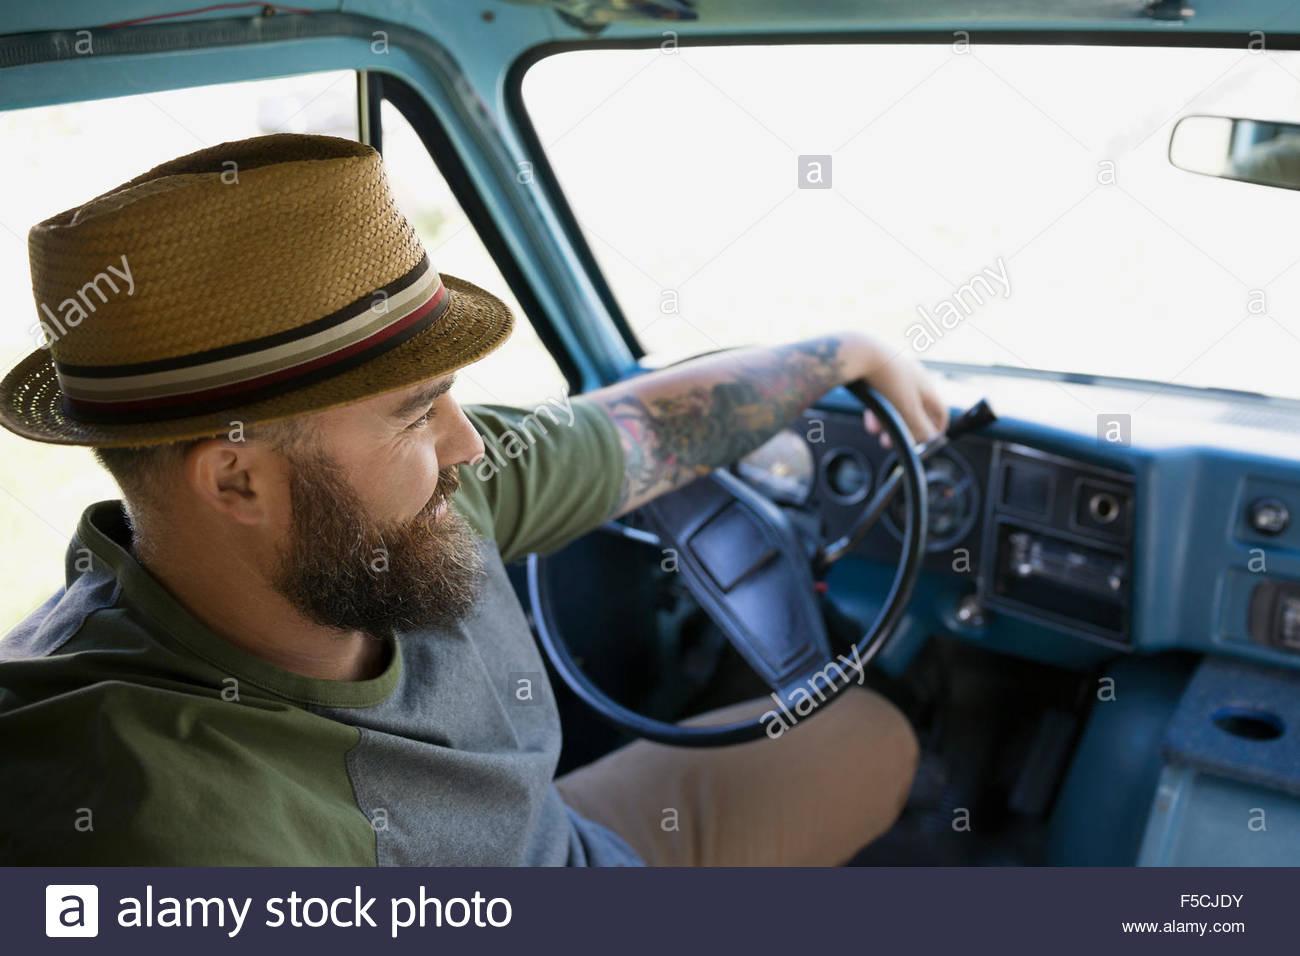 Hombre Barbado en hat van de conducción Imagen De Stock